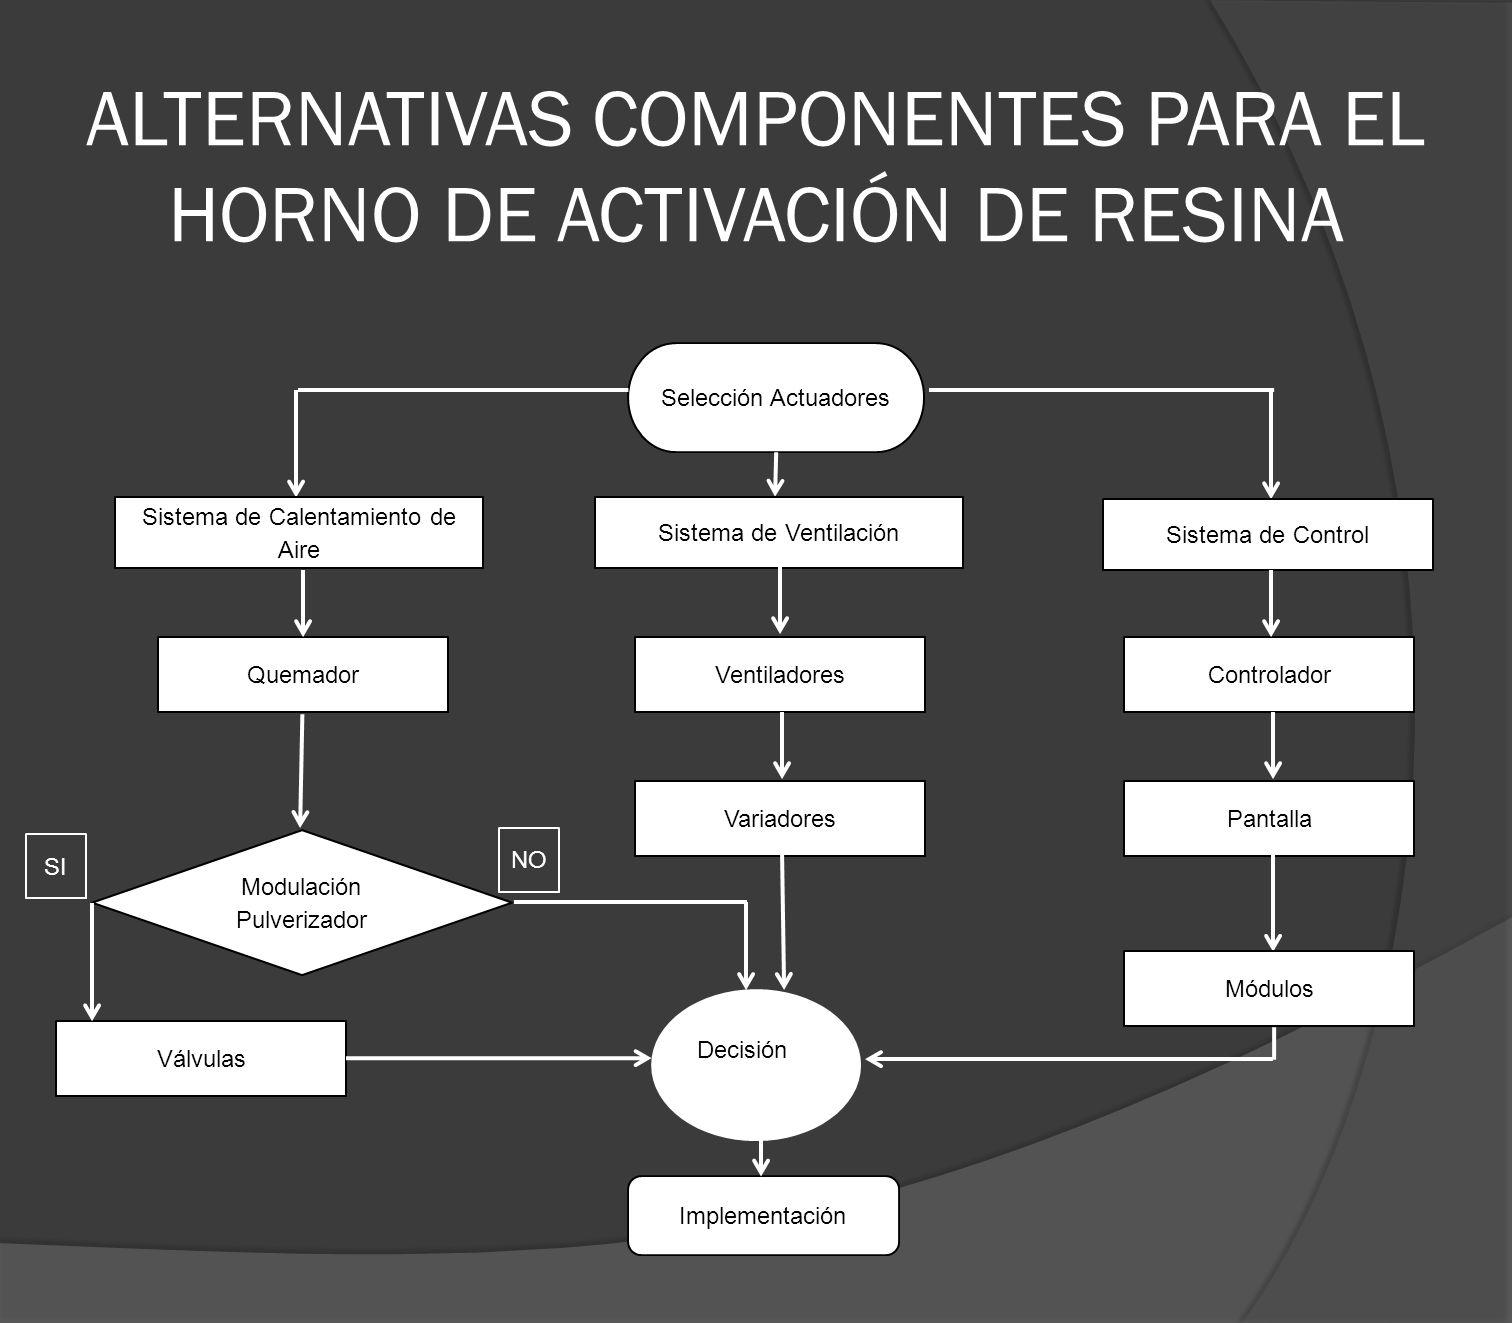 ALTERNATIVAS COMPONENTES PARA EL HORNO DE ACTIVACIÓN DE RESINA Selección Actuadores Sistema de Calentamiento de Aire Quemador Sistema de Ventilación S